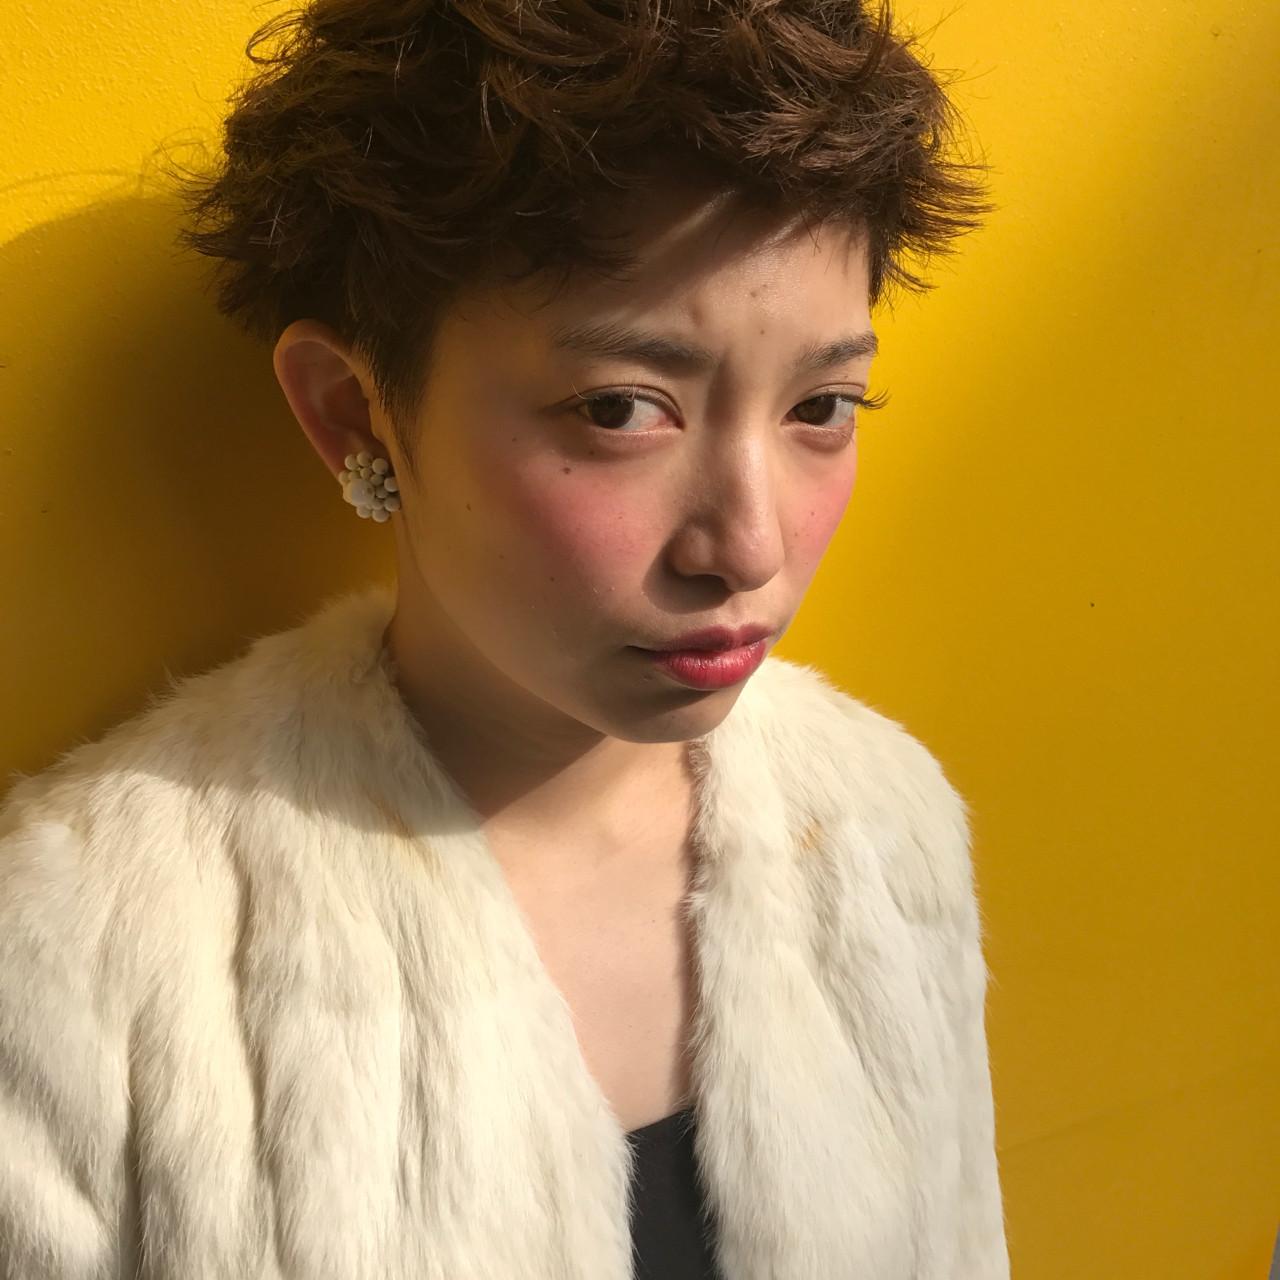 モード ショート パーマ 坊主 ヘアスタイルや髪型の写真・画像 | 小西敬二郎 / Heartim